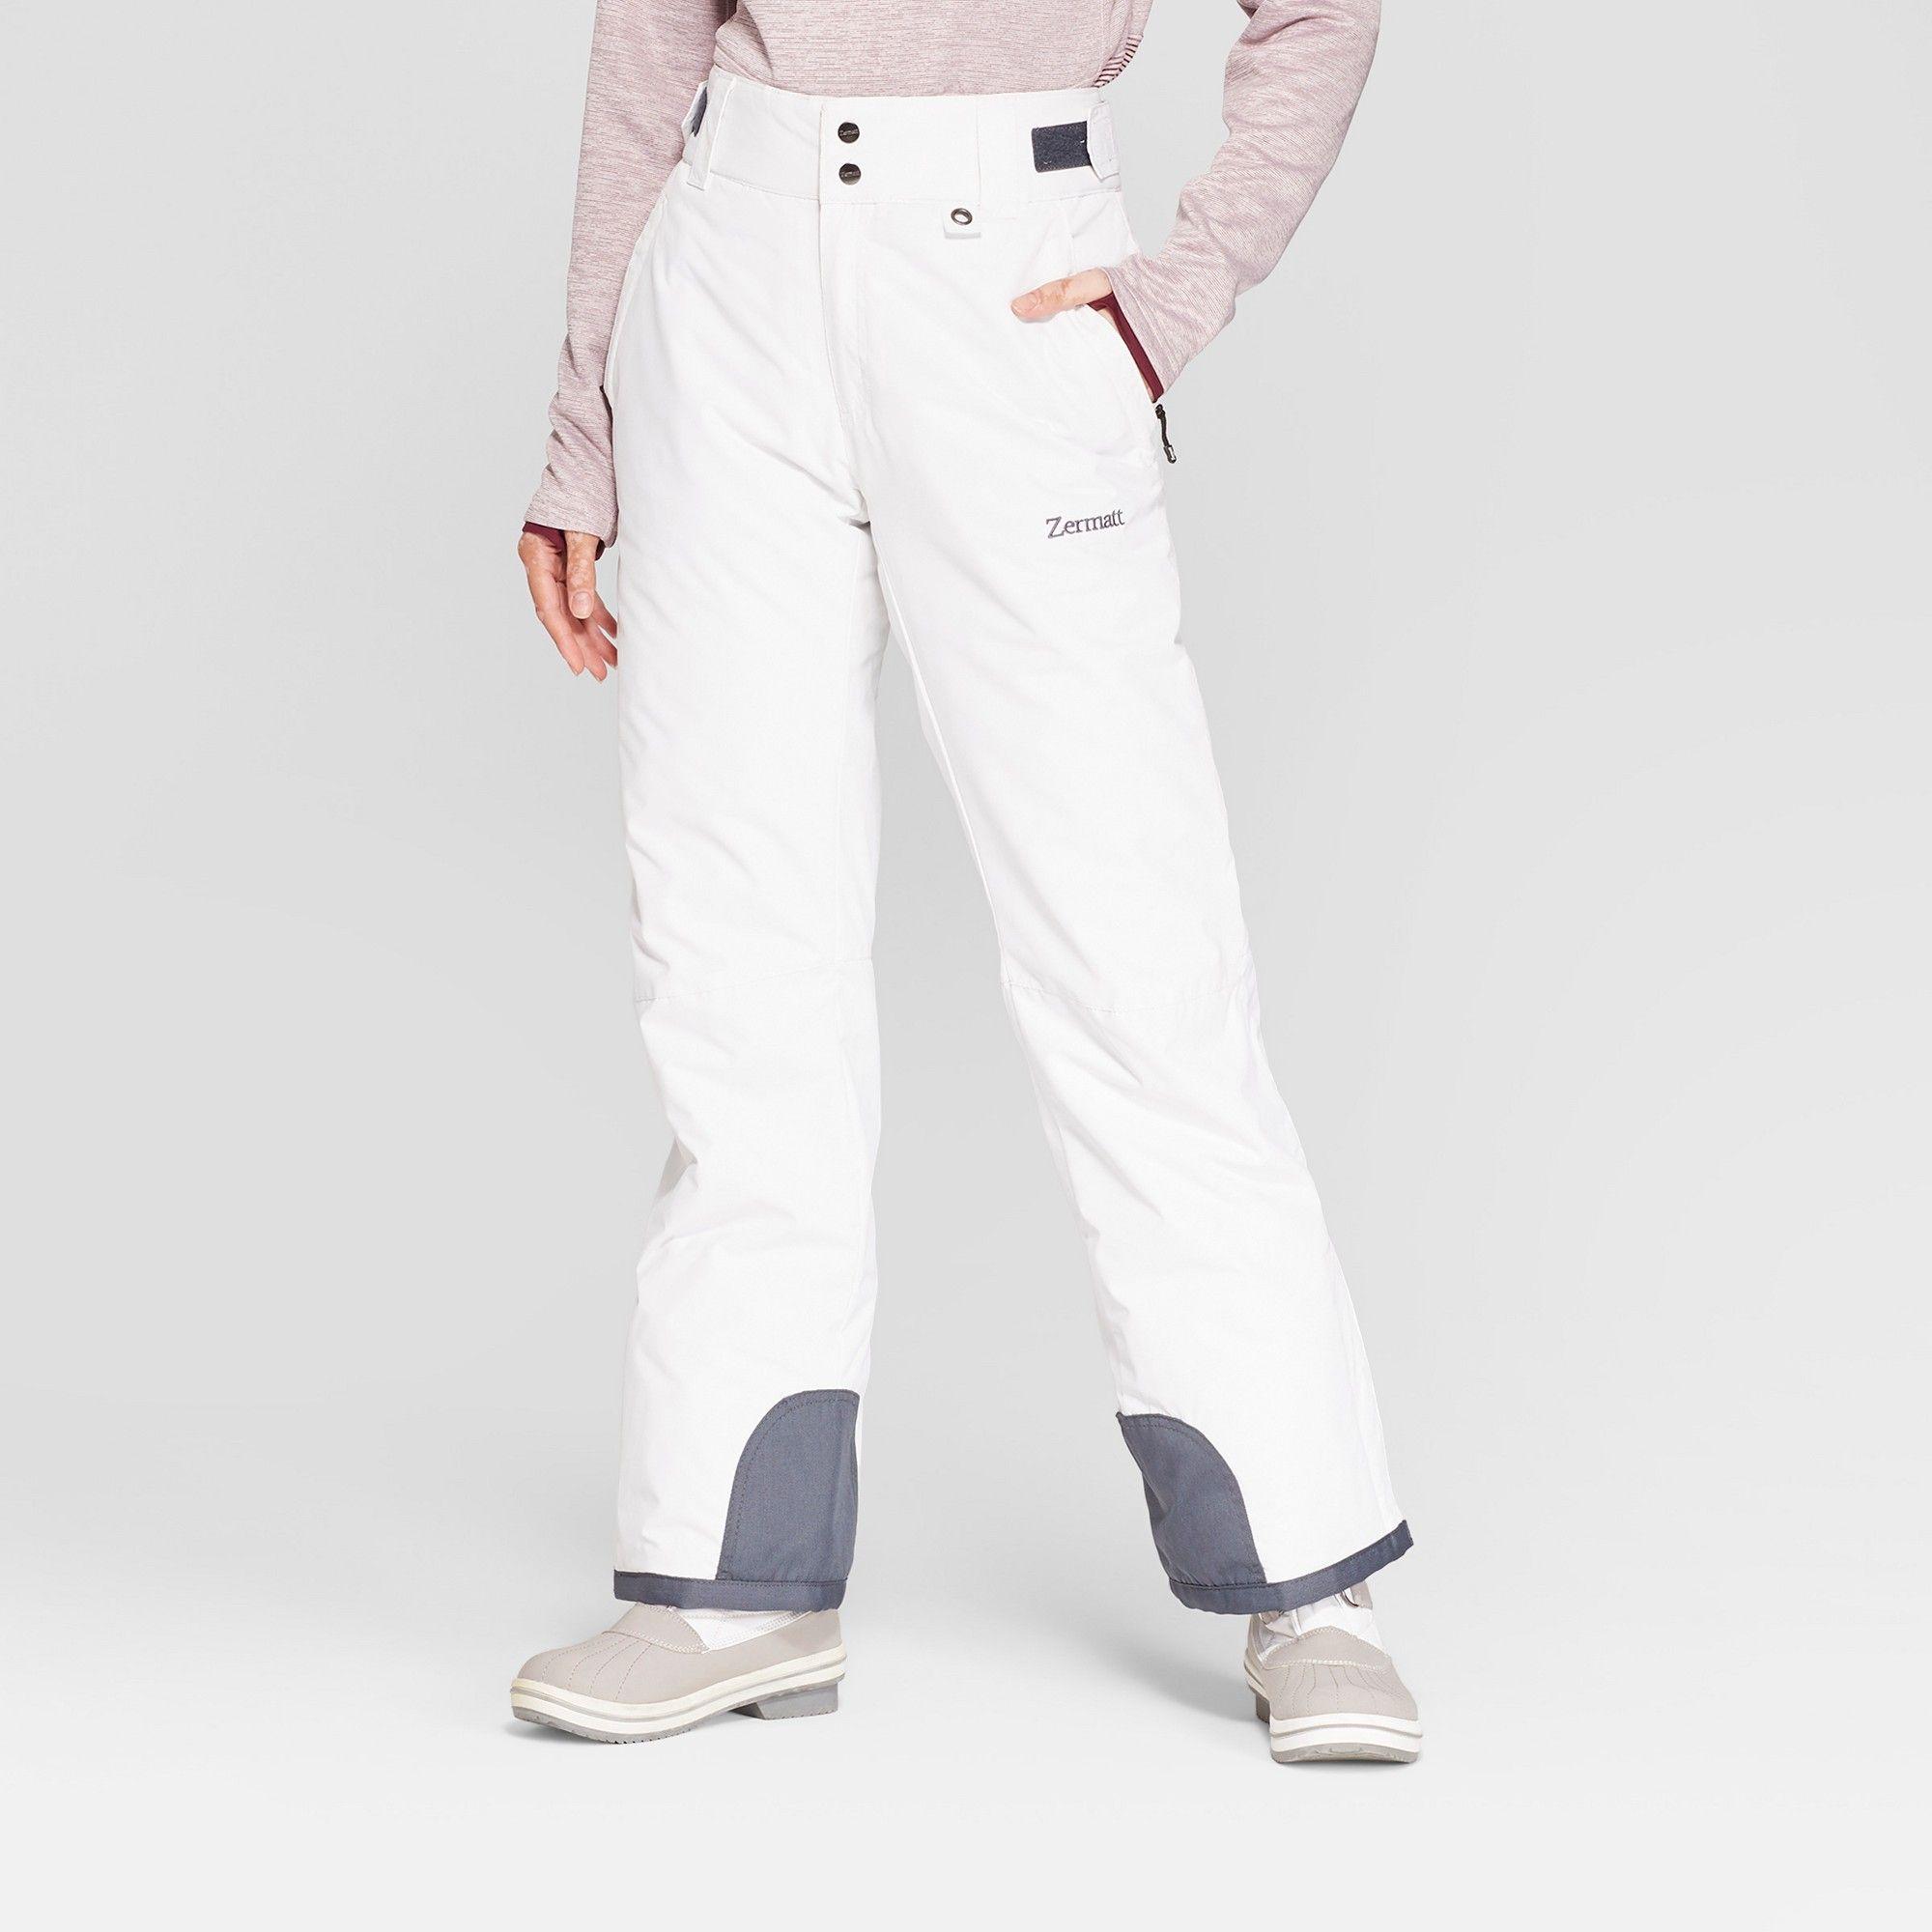 9933e2c6f1bb Women s Snow Pants - Zermatt White XL